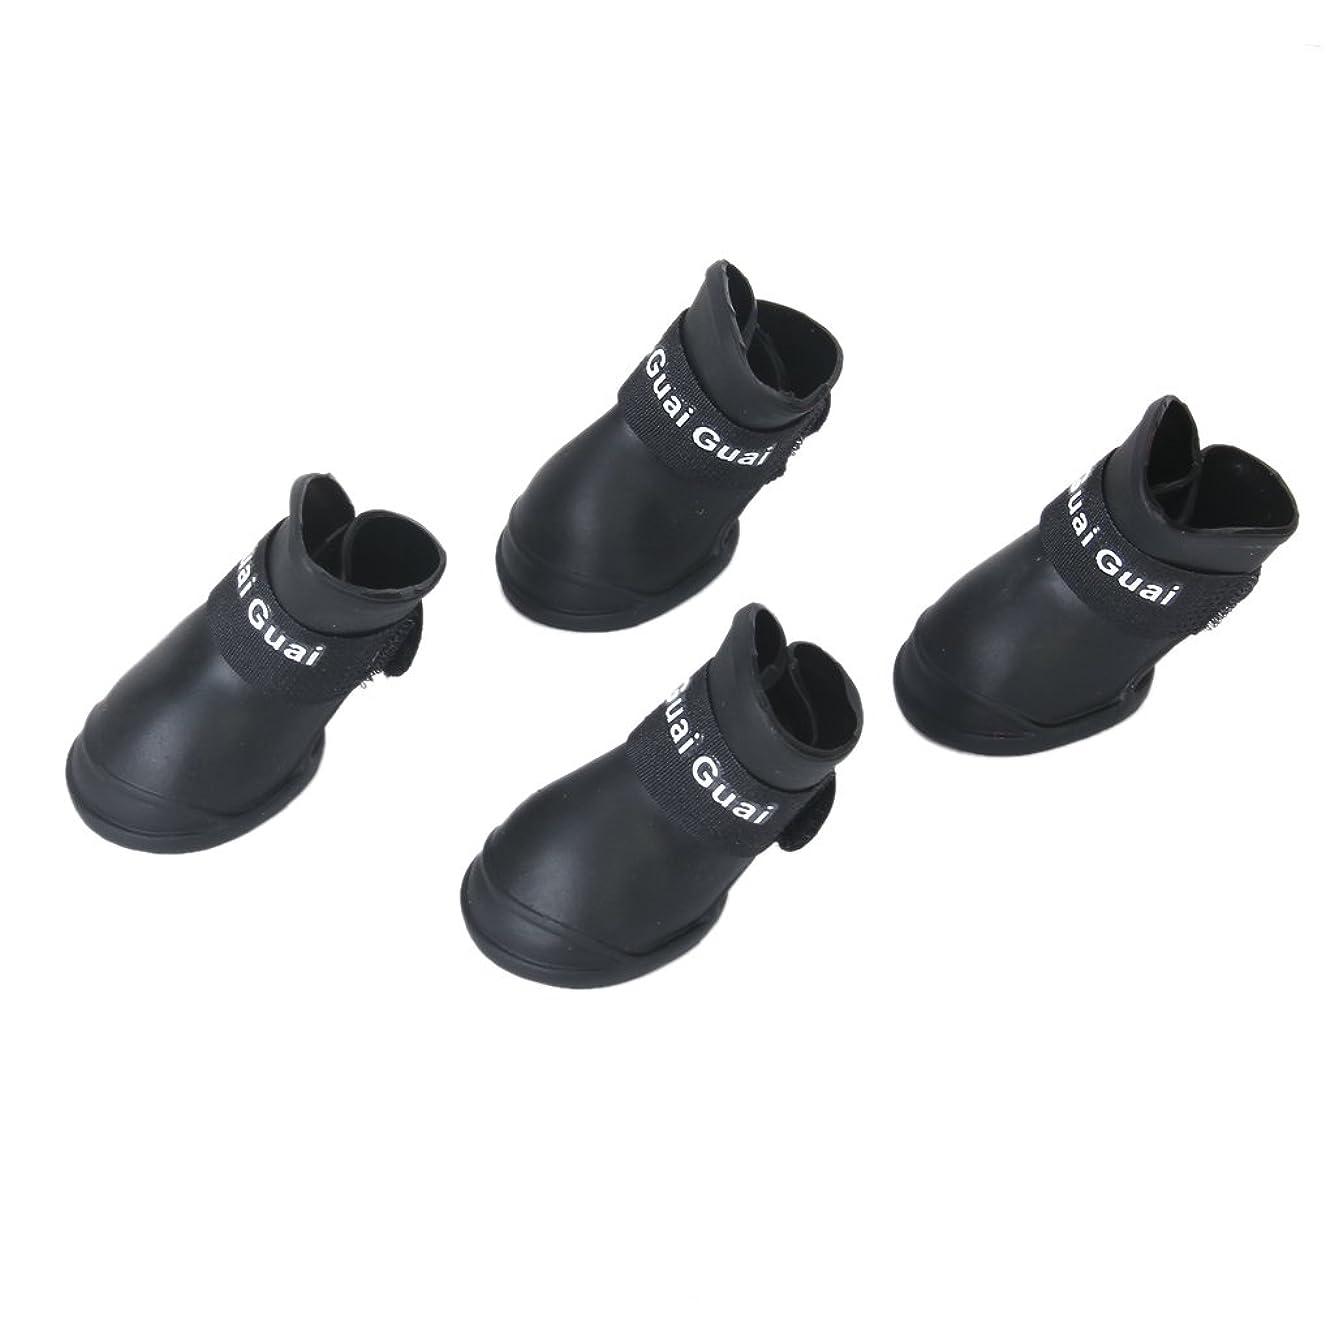 登録する重力社会主義者犬用靴下 Skitter PLUS フラミンゴピンク S/M 2個入り|獣医師監修 犬靴?靴下ブランド docdog